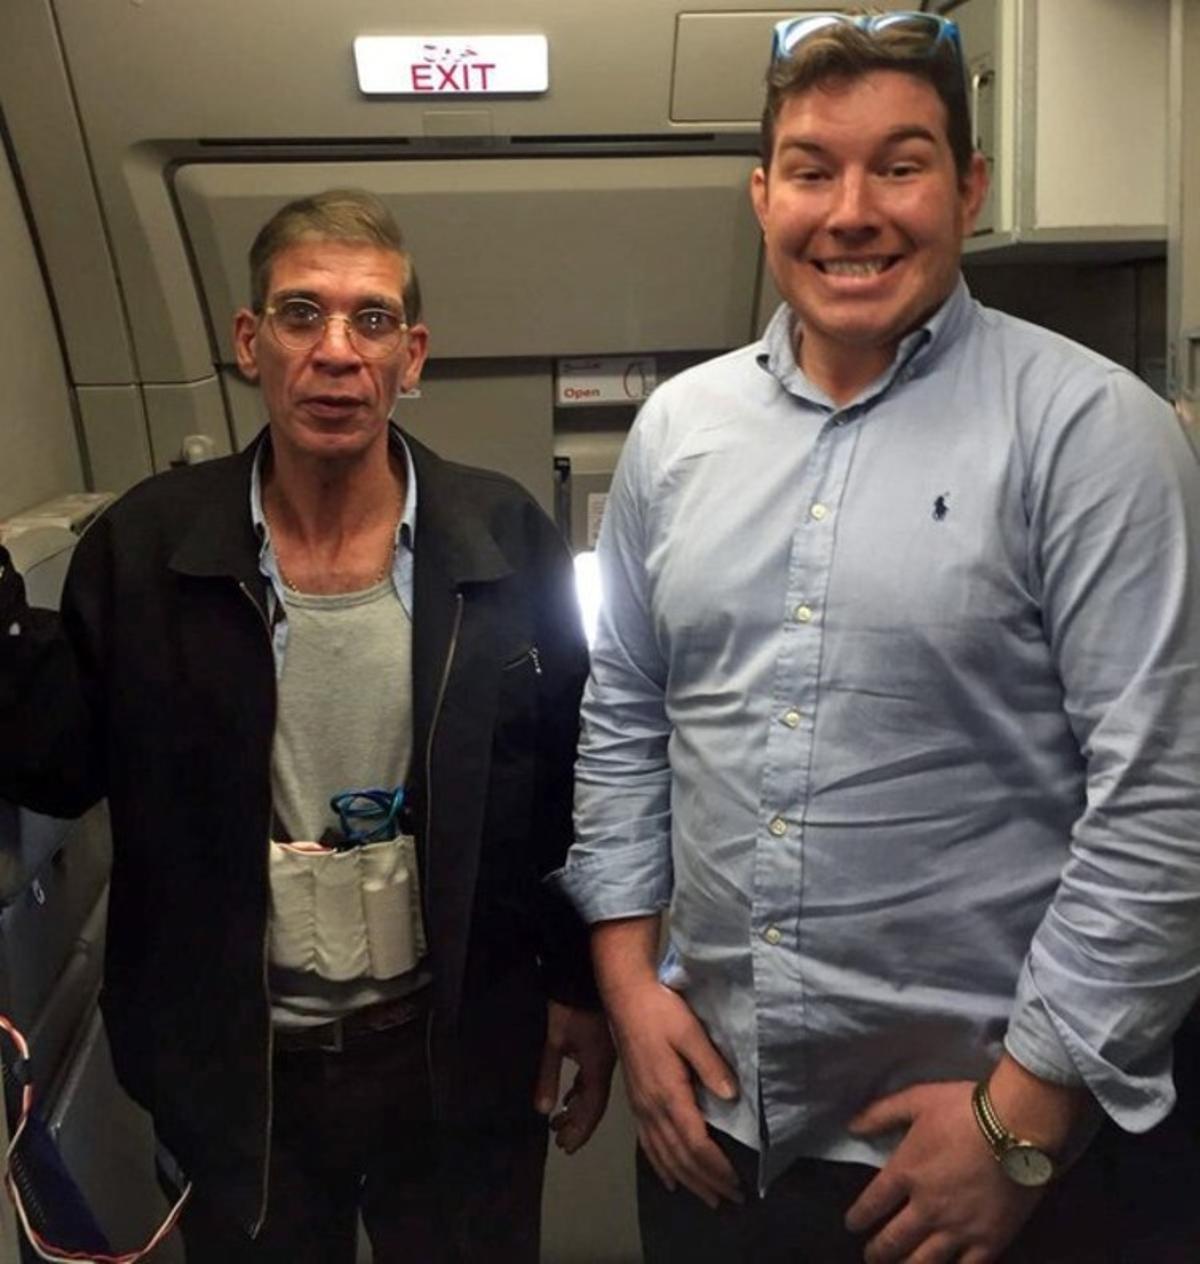 Un británico se hace una foto con el secuestrador del avión de EgyptAir.